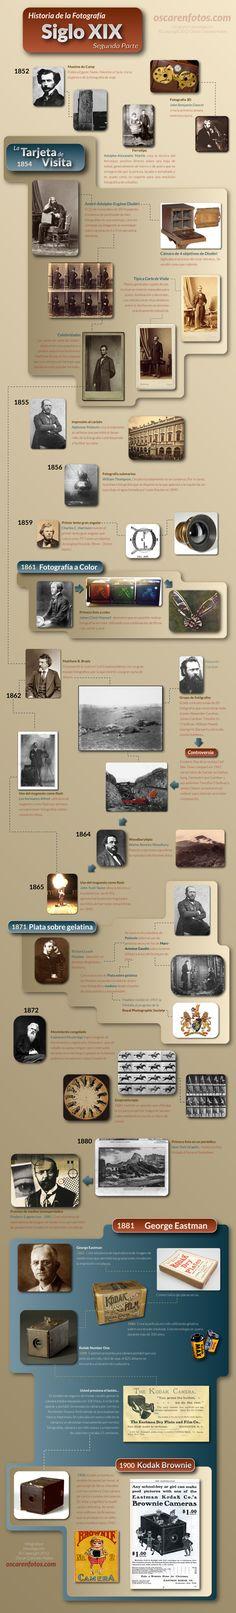 Historia de la fotografía: 1850-1900 | Oscar en Fotos